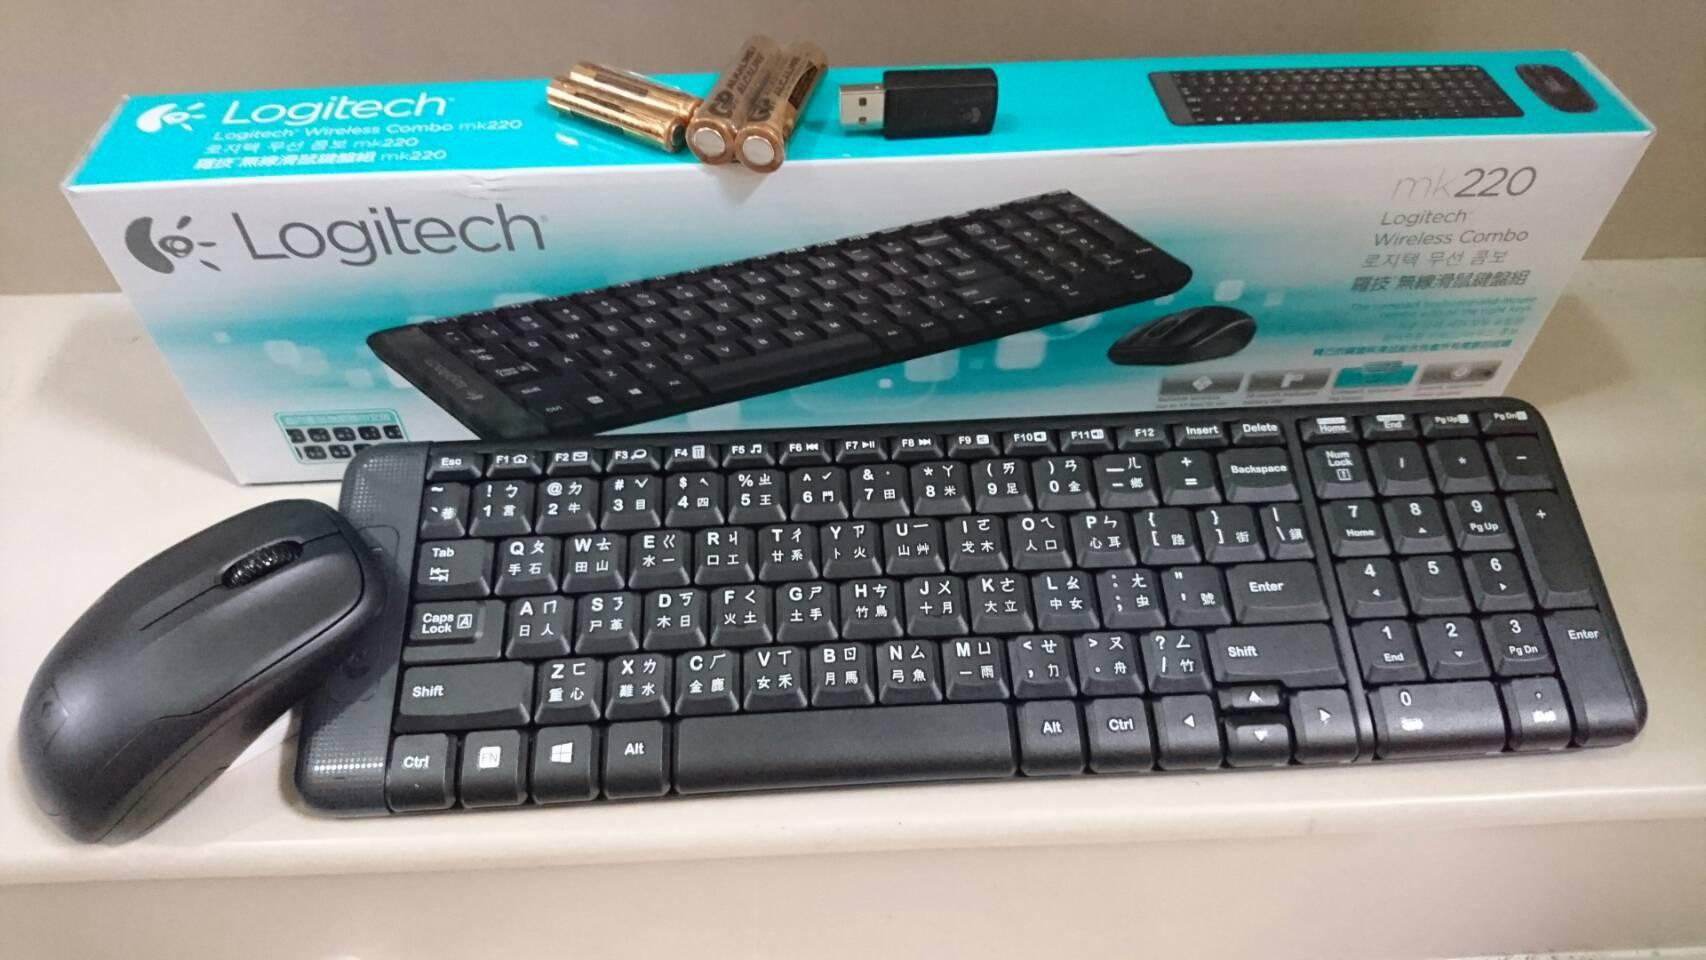 ❤含發票❤團購價❤第一品牌❤有注音❤羅技無線鍵盤滑鼠組❤電競滑鼠電競鍵盤❤桌上型電腦❤筆記型電腦❤LOL英雄聯盟mk220 6